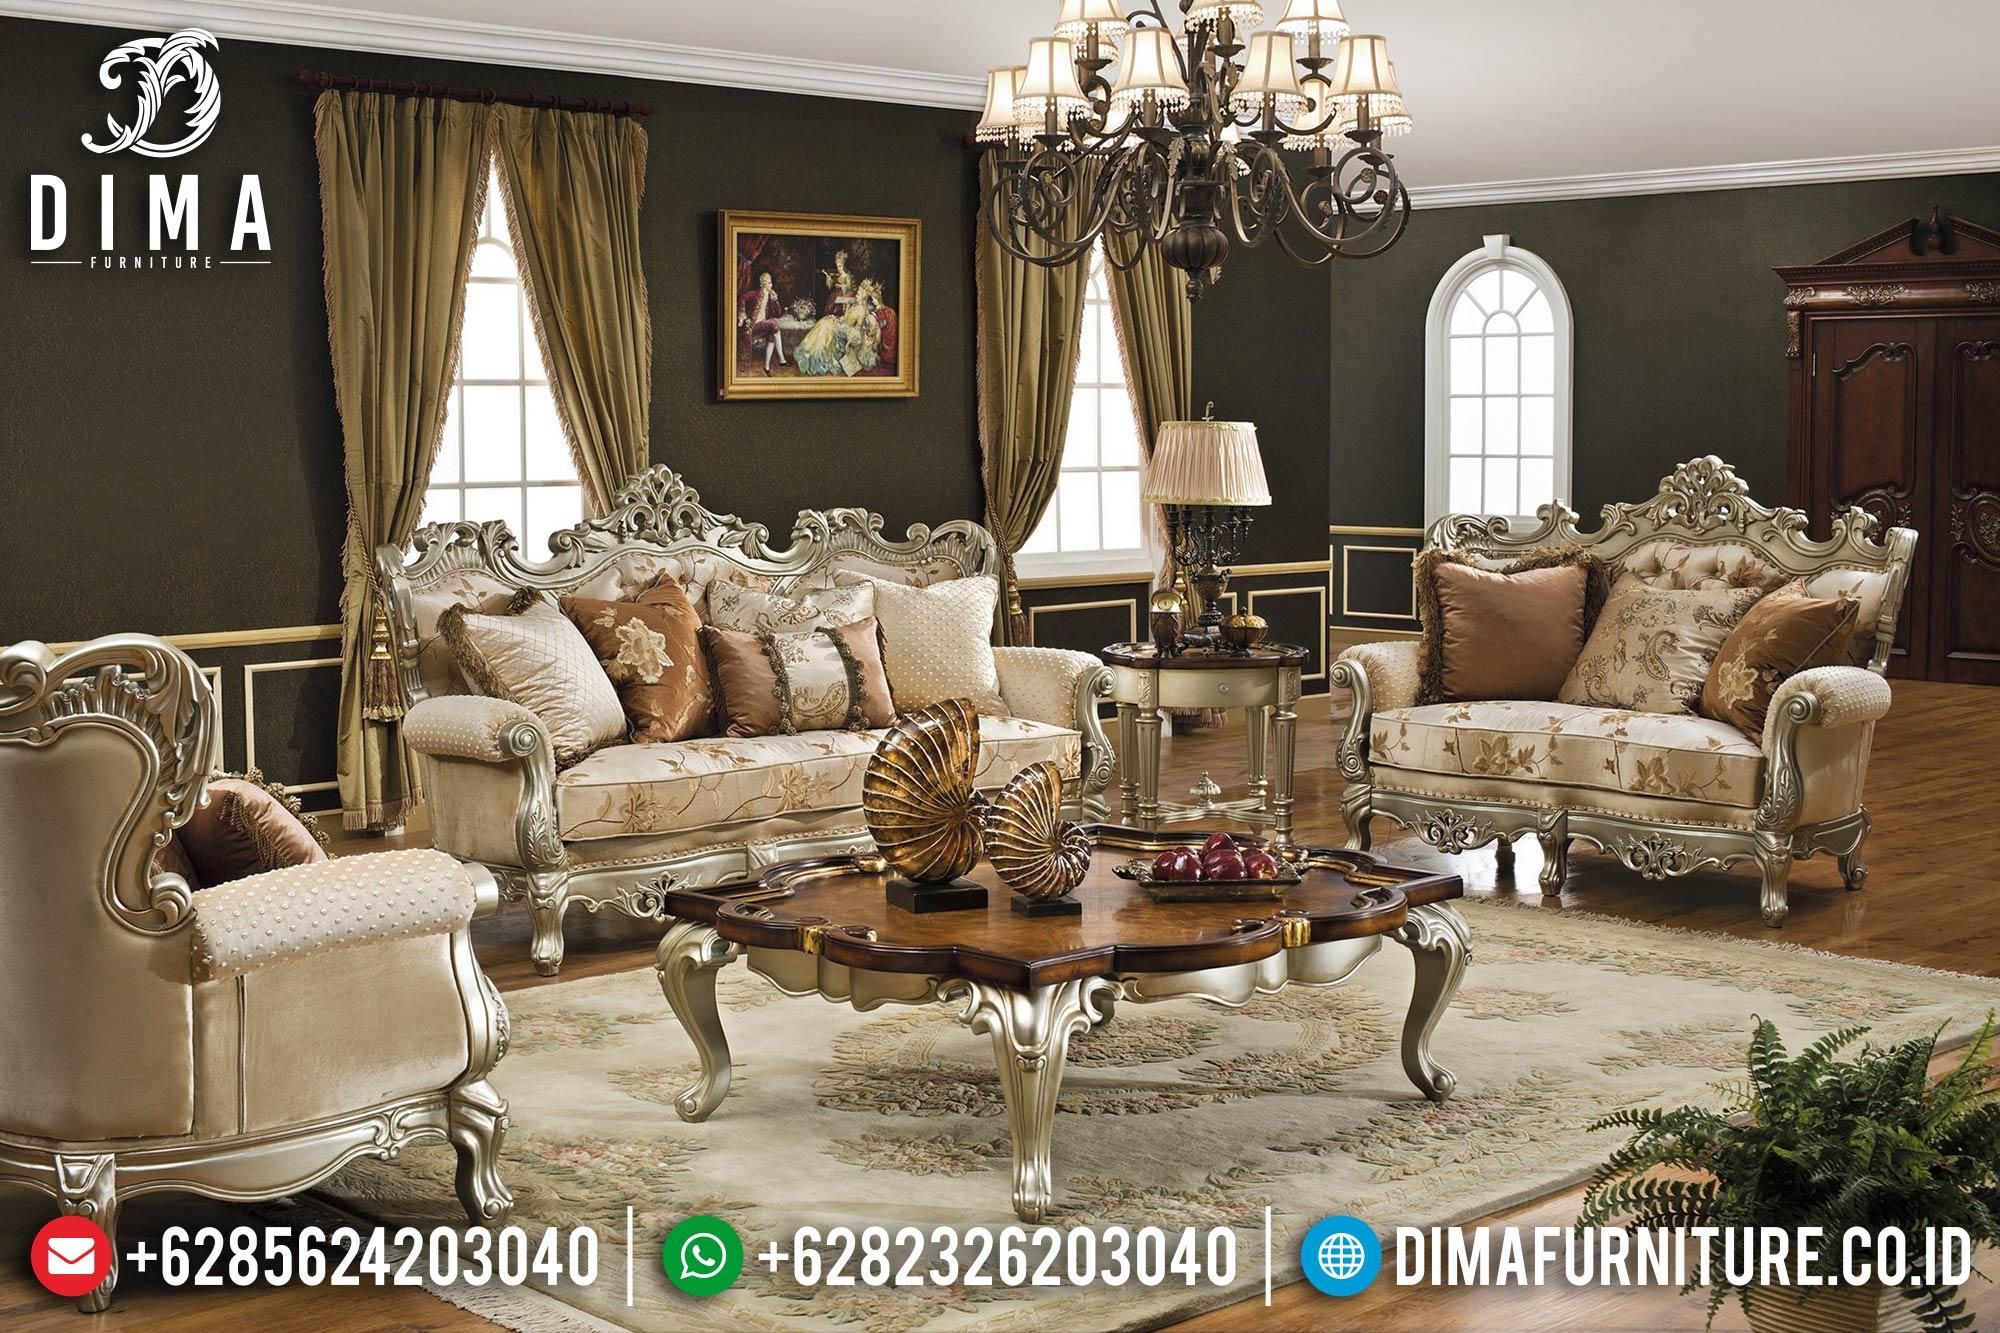 Sofa Tamu Jepara Mewah Minimalis Terbaru 09 Dima Furniture Jepara